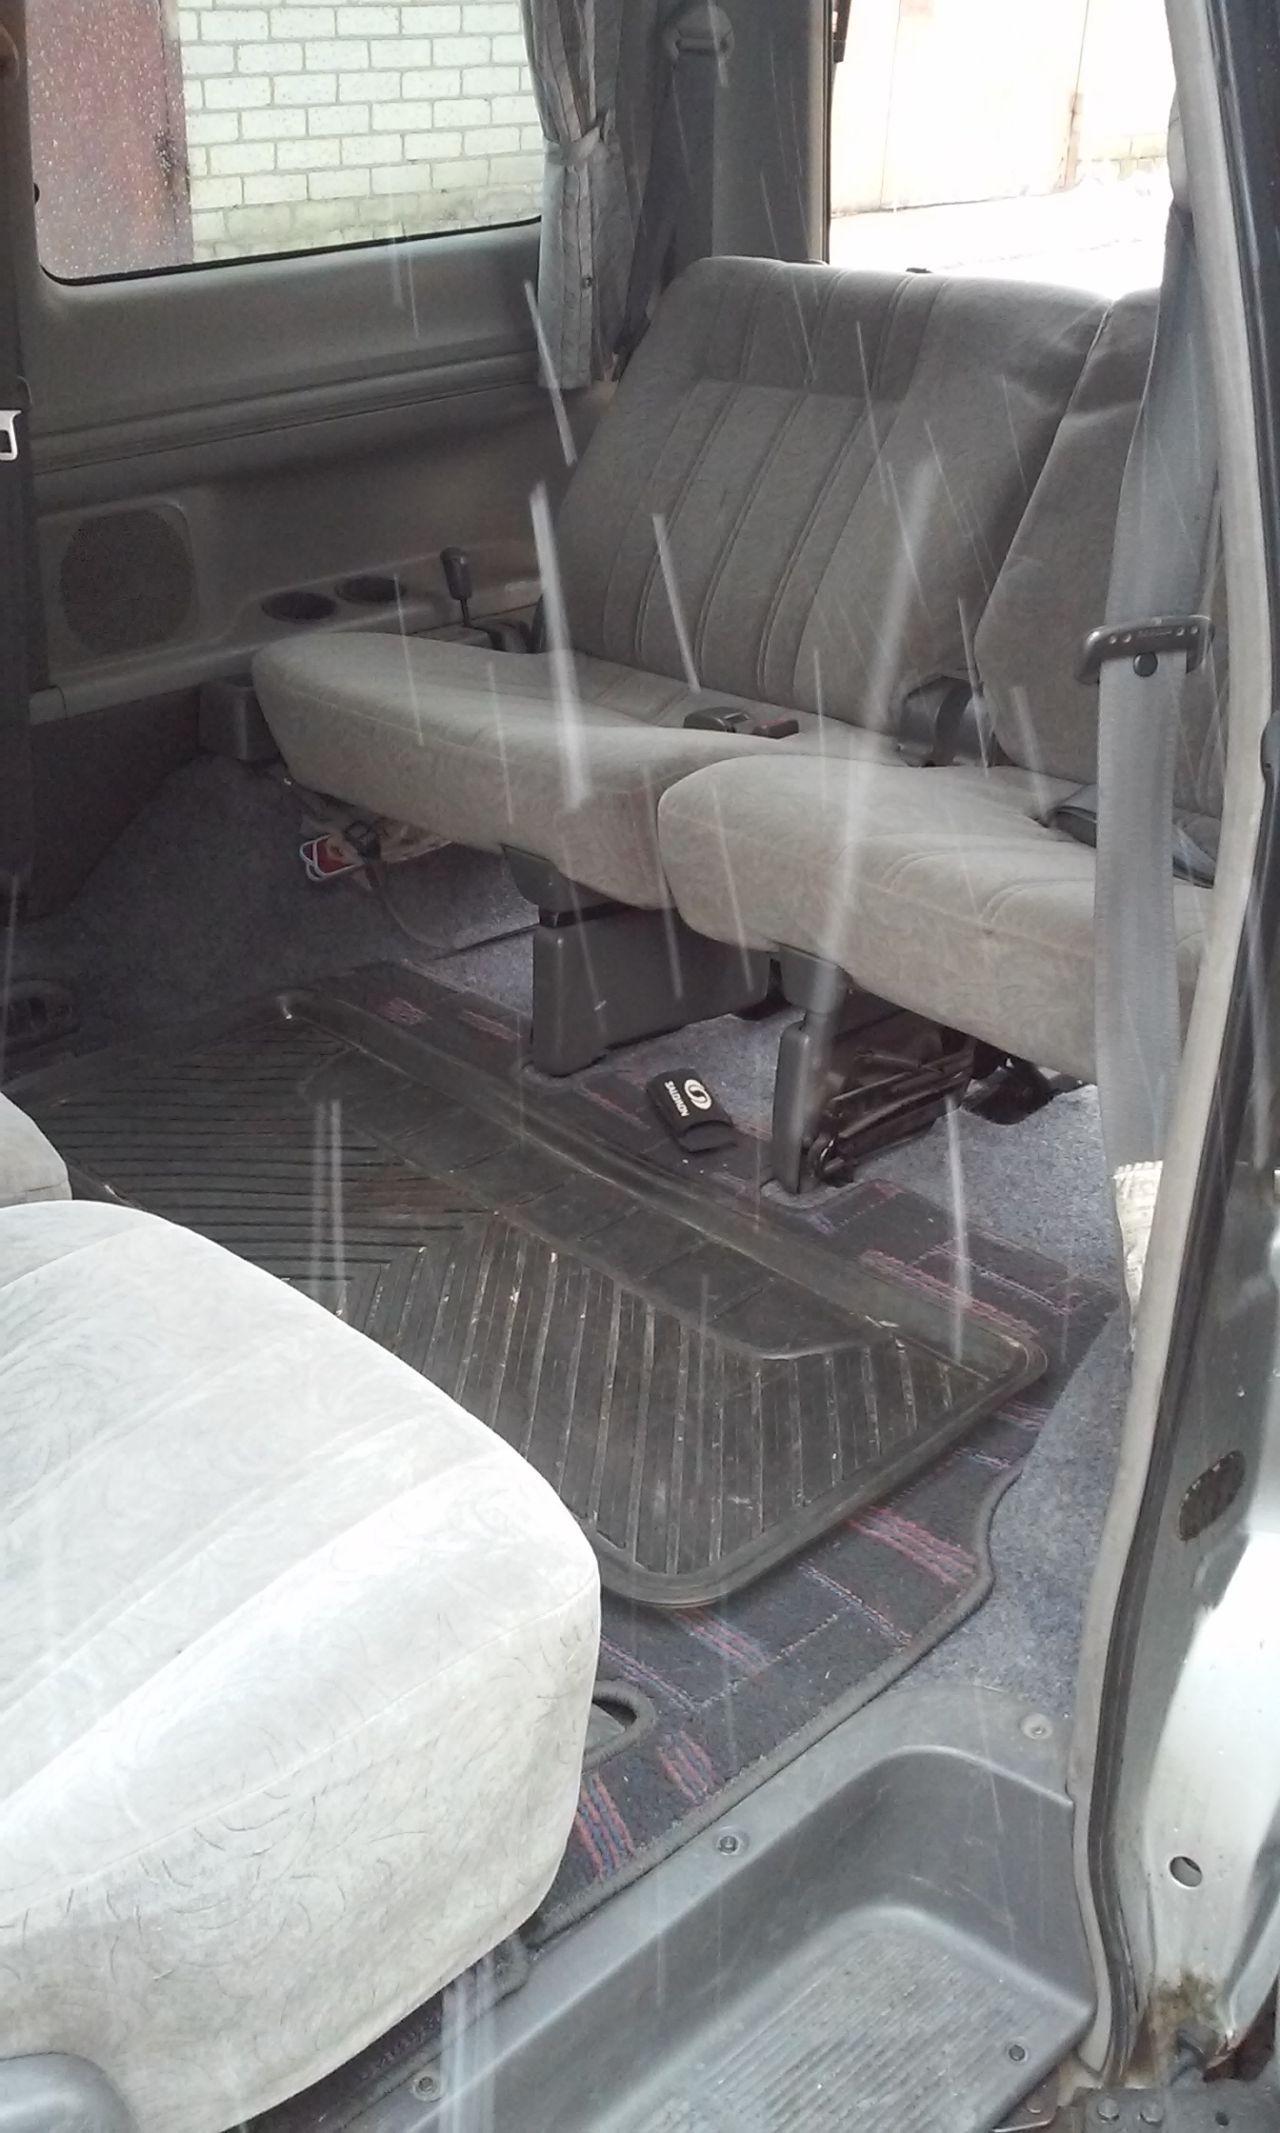 Или вот так: 2 и 3 ряд напротив друг друга (дождь шёл). Причем так тоже можно ехать, ремни безопасности используются другие. А пока они спрятаны в полу.